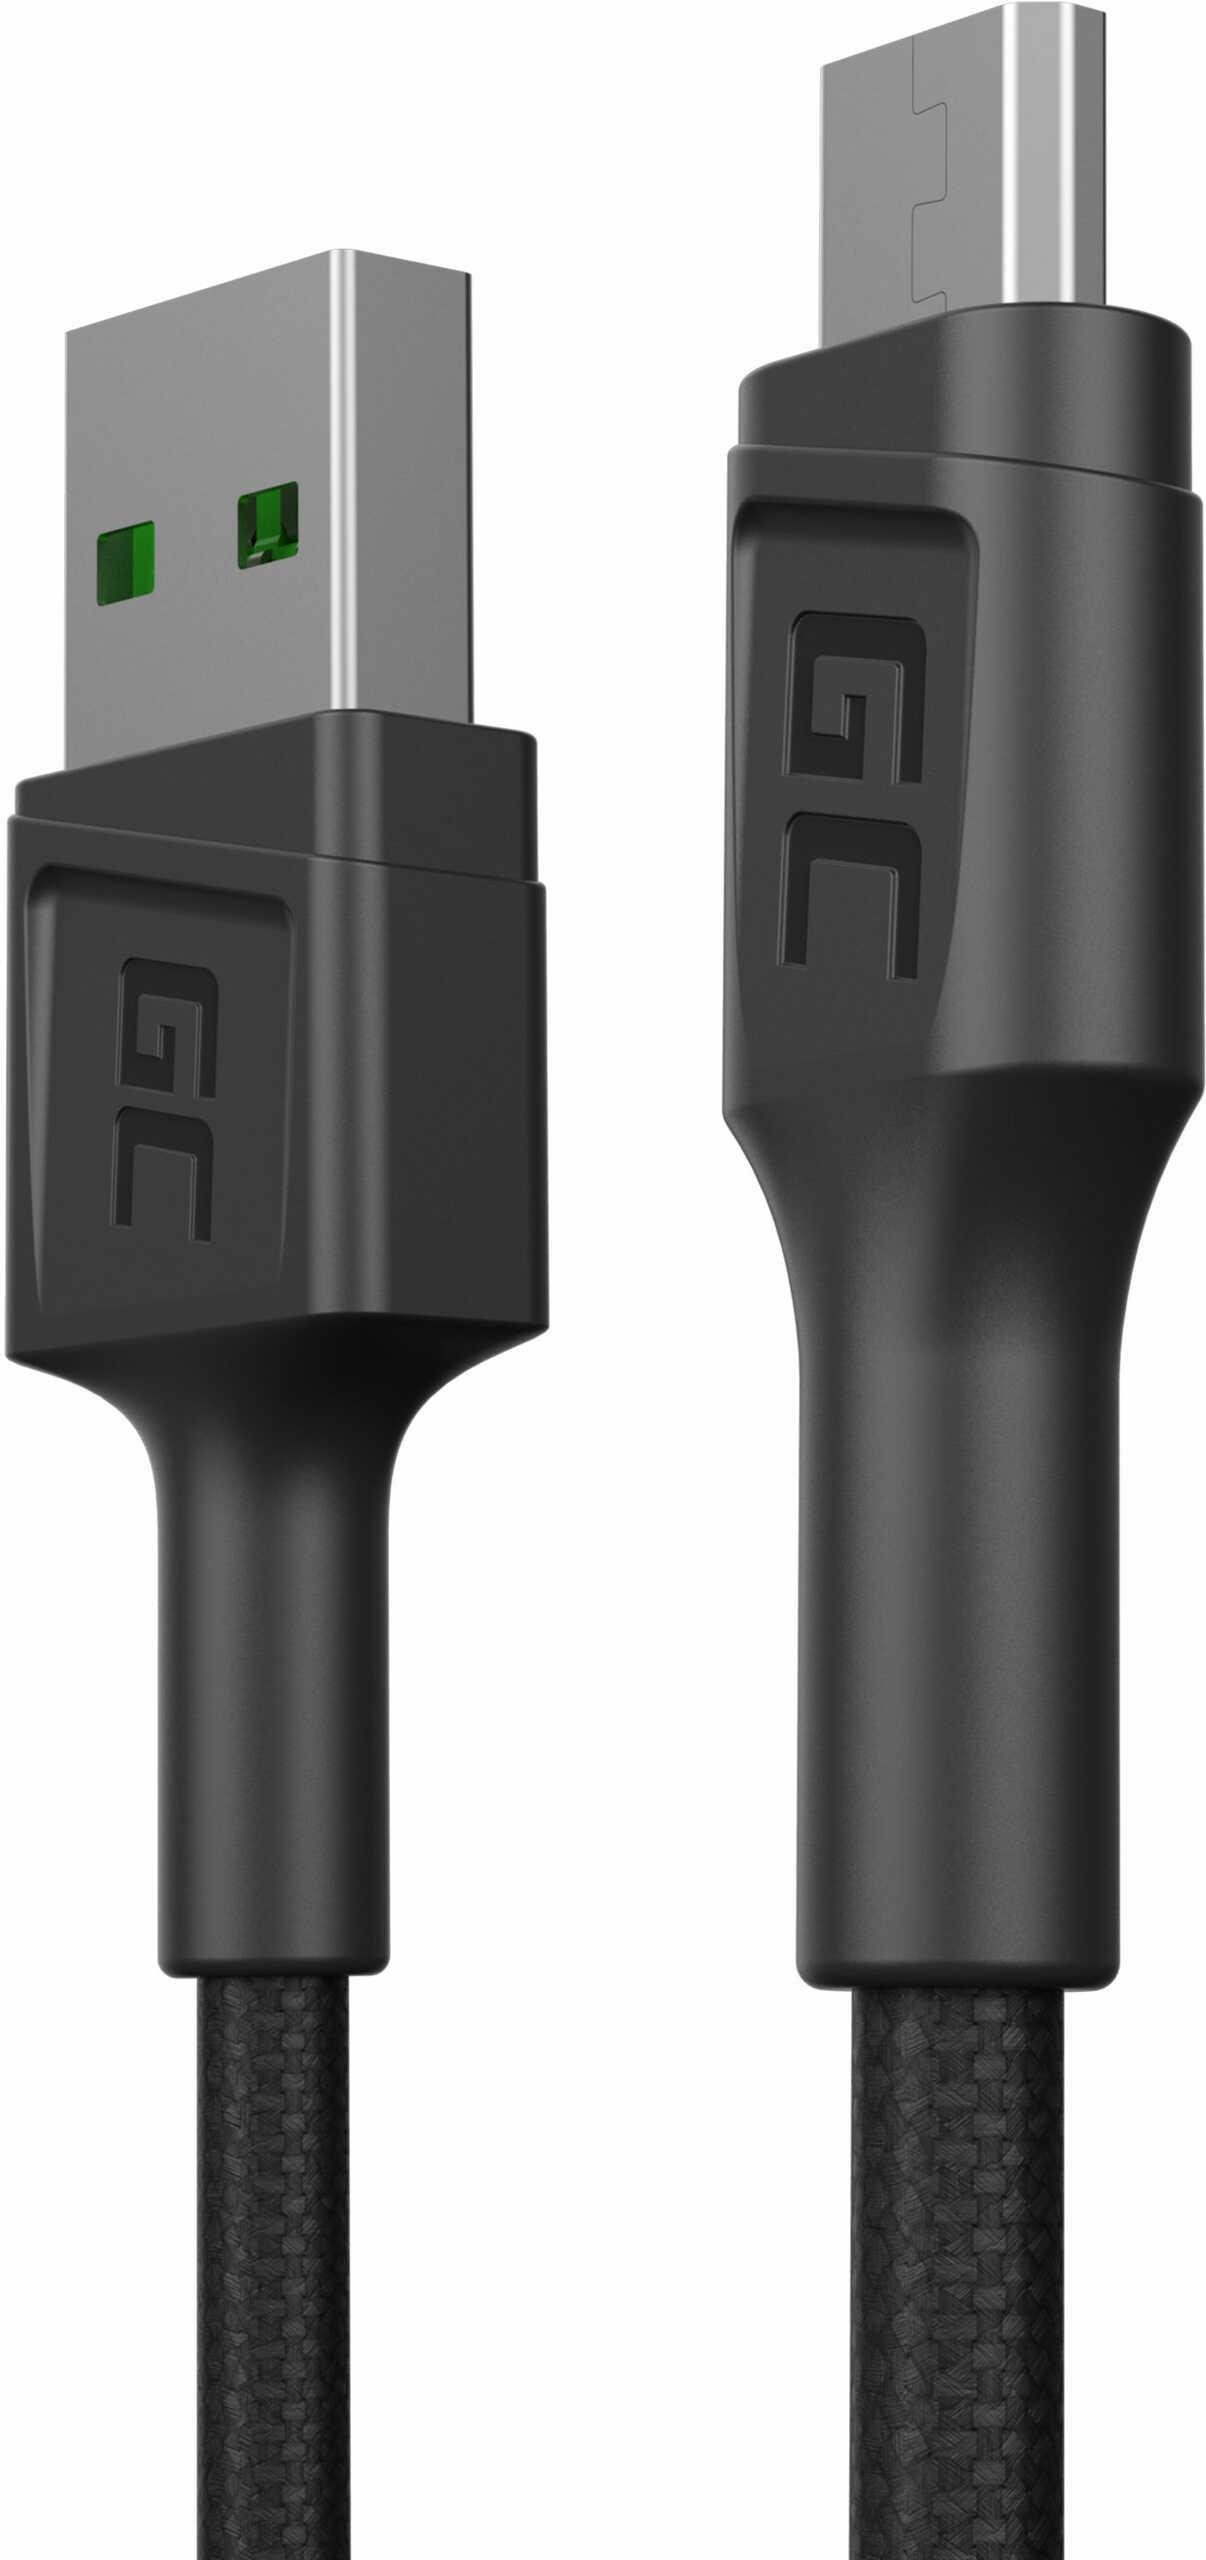 Kabel Green Cell GC PowerStream USB-A - Micro USB 30cm, szybkie ładowanie Ultra Charge, QC 3.0